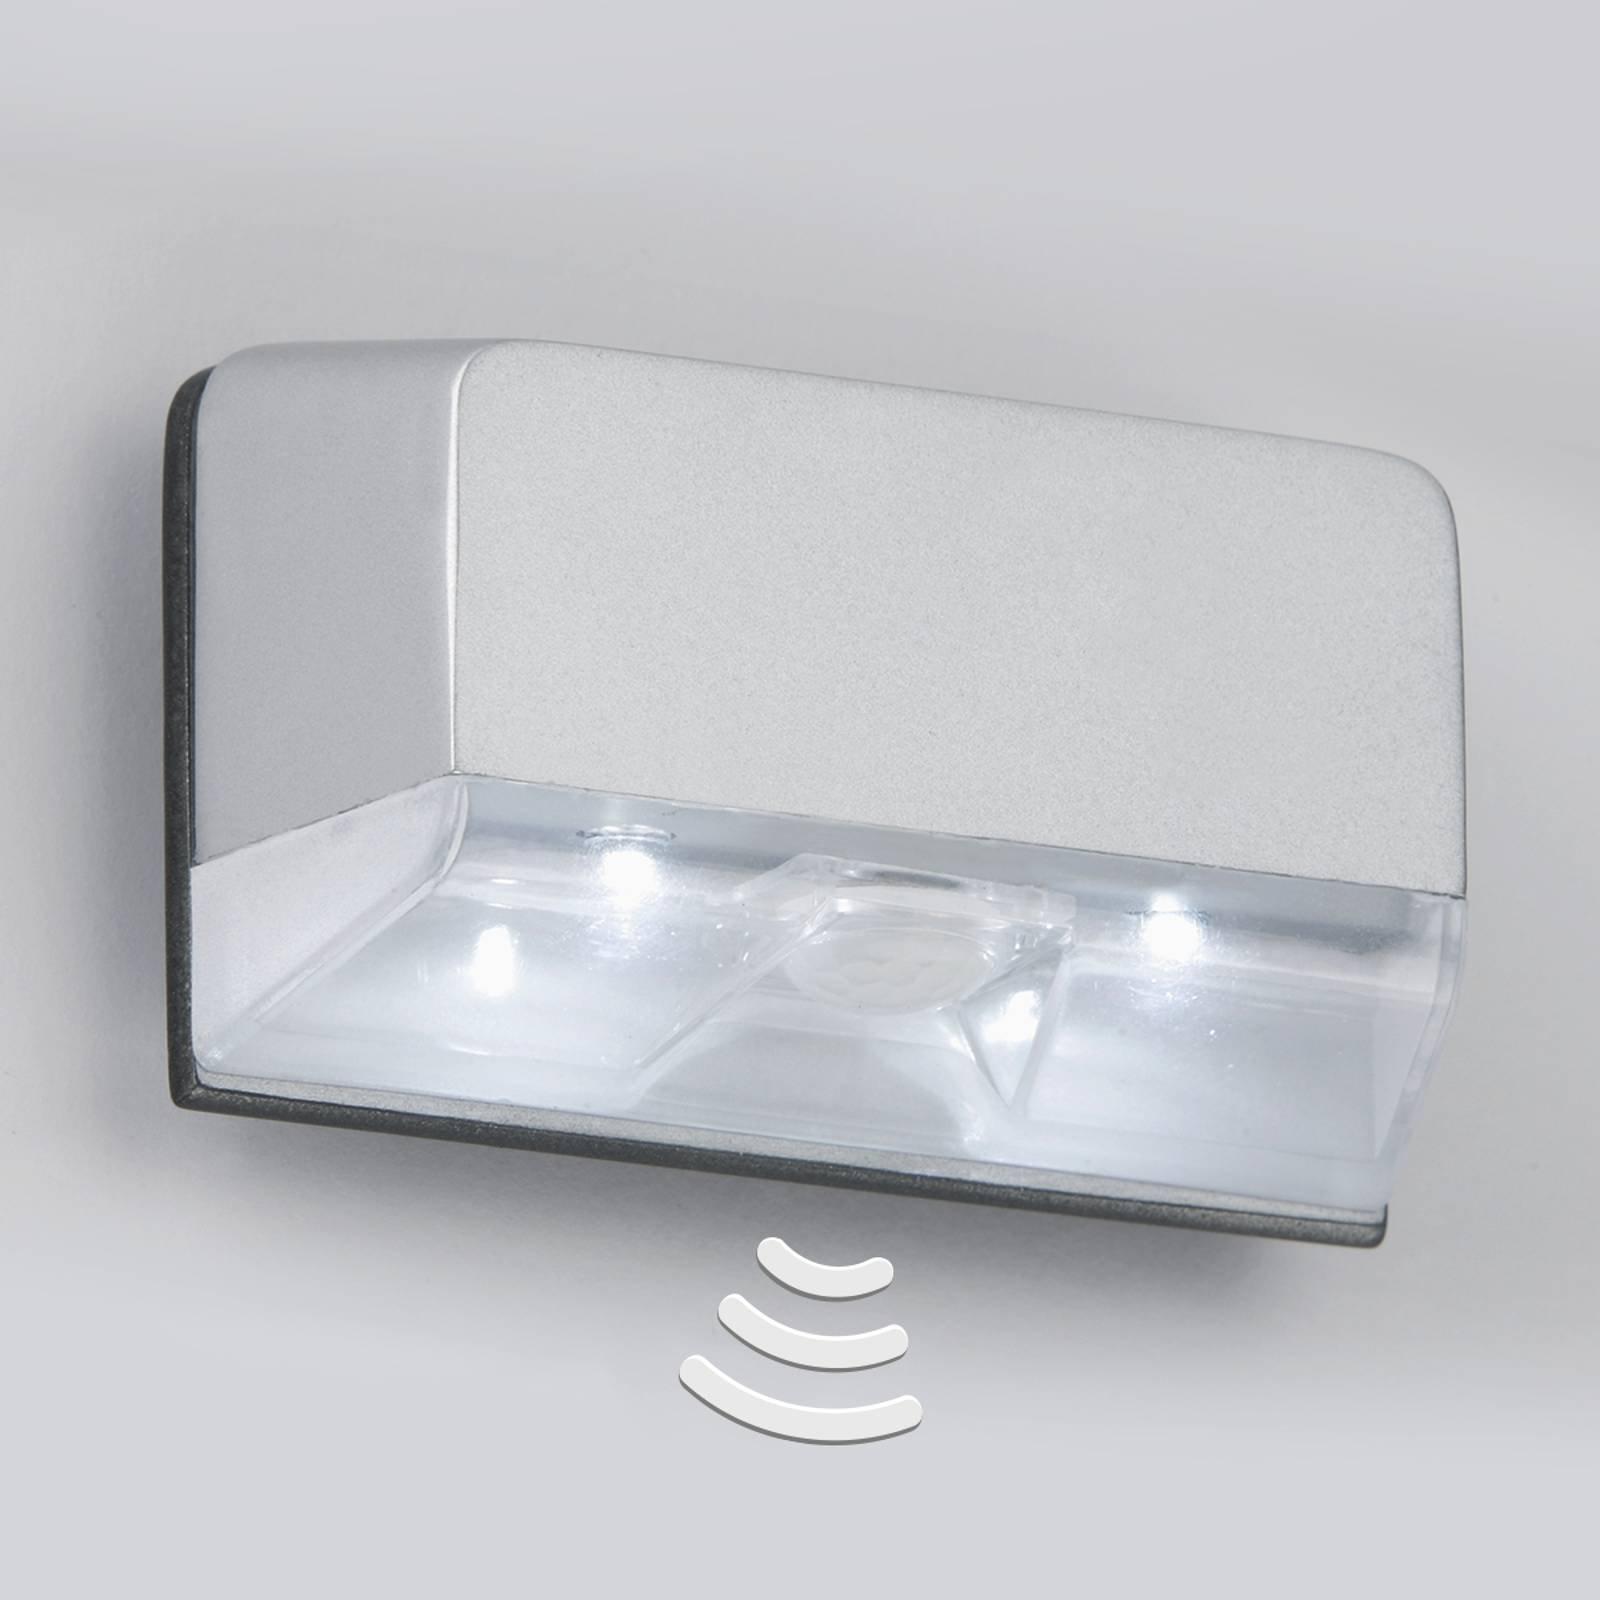 LED-lys for dørlås Lero med bevegelsessensor